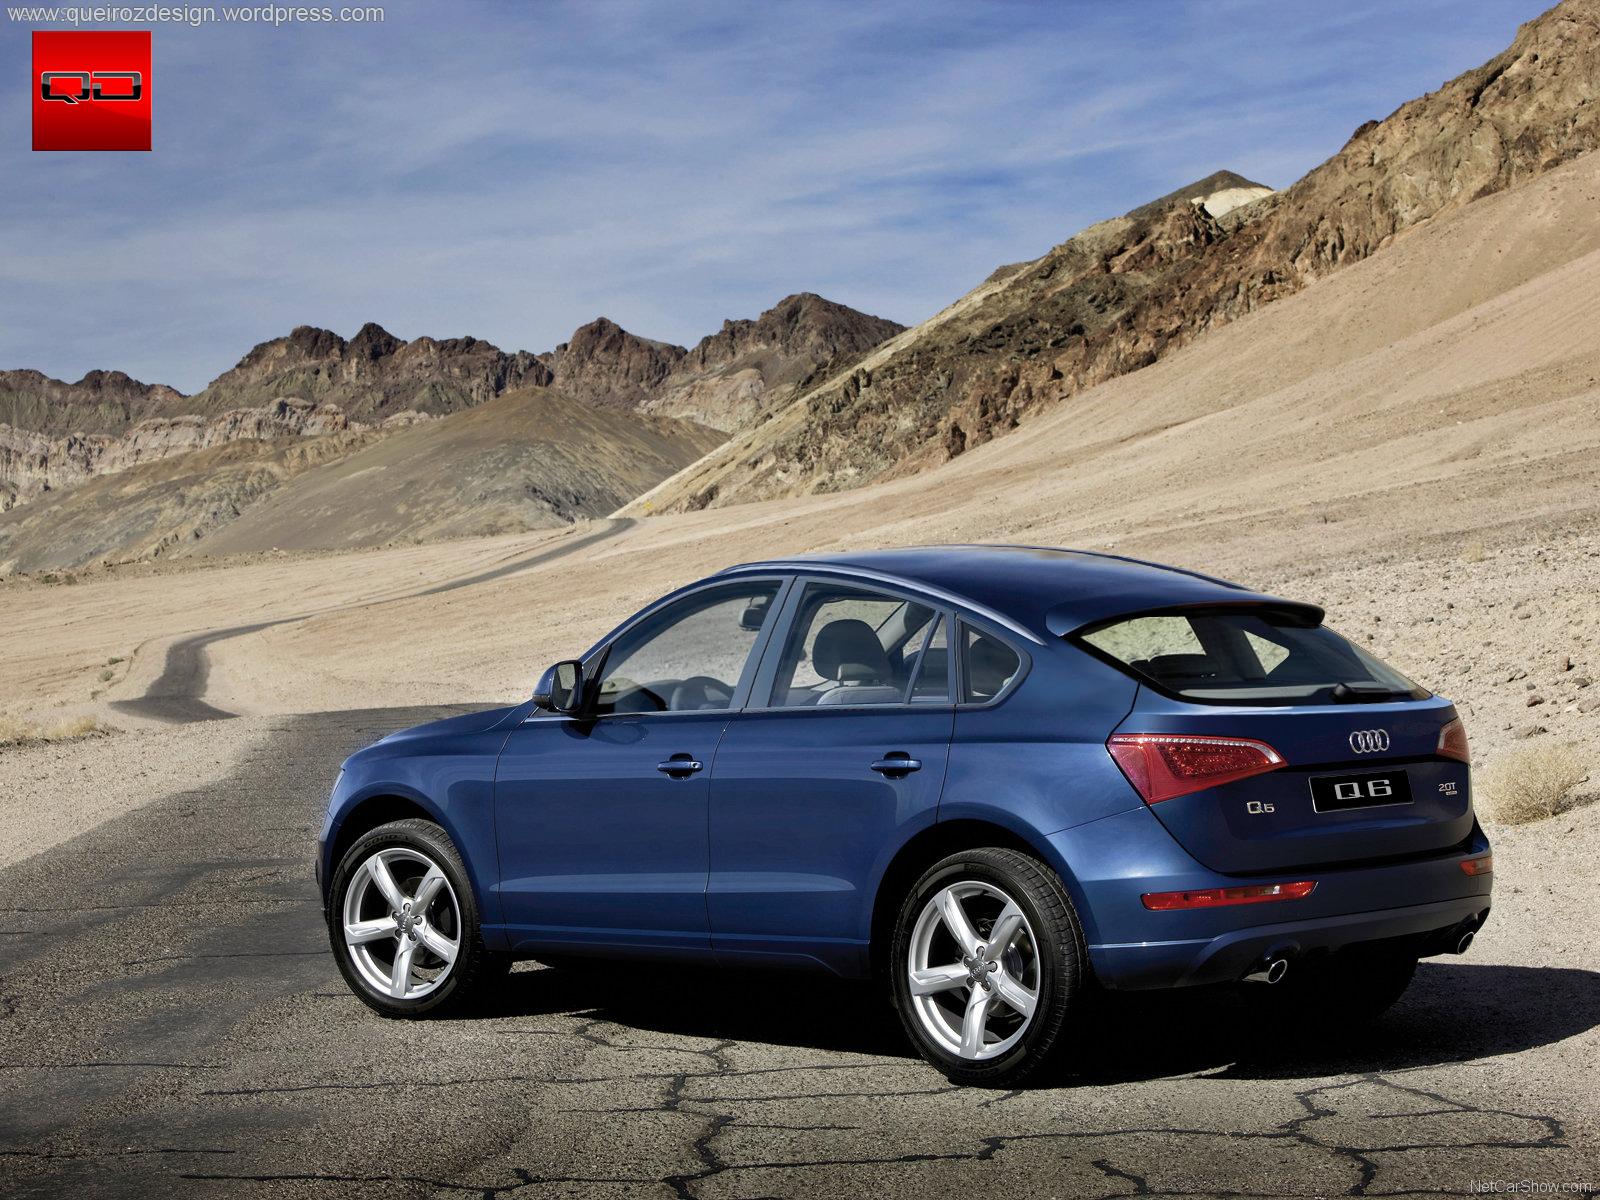 Audi Q6 - Clique na Imagem para Ampliar